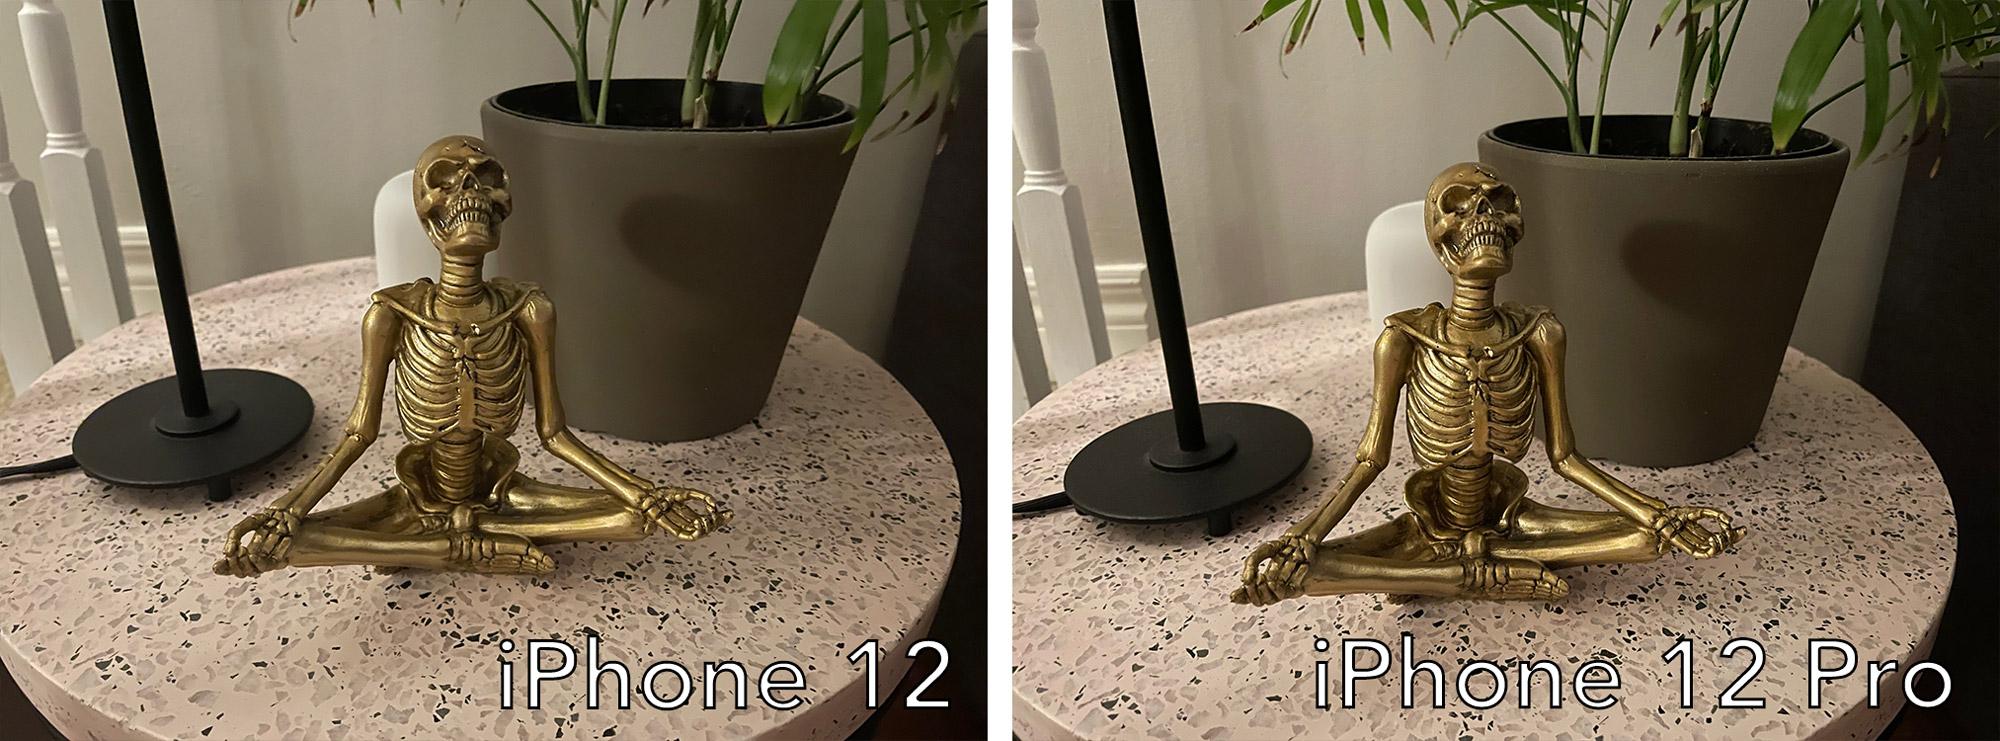 iPhone 12 low-light photo comparison.